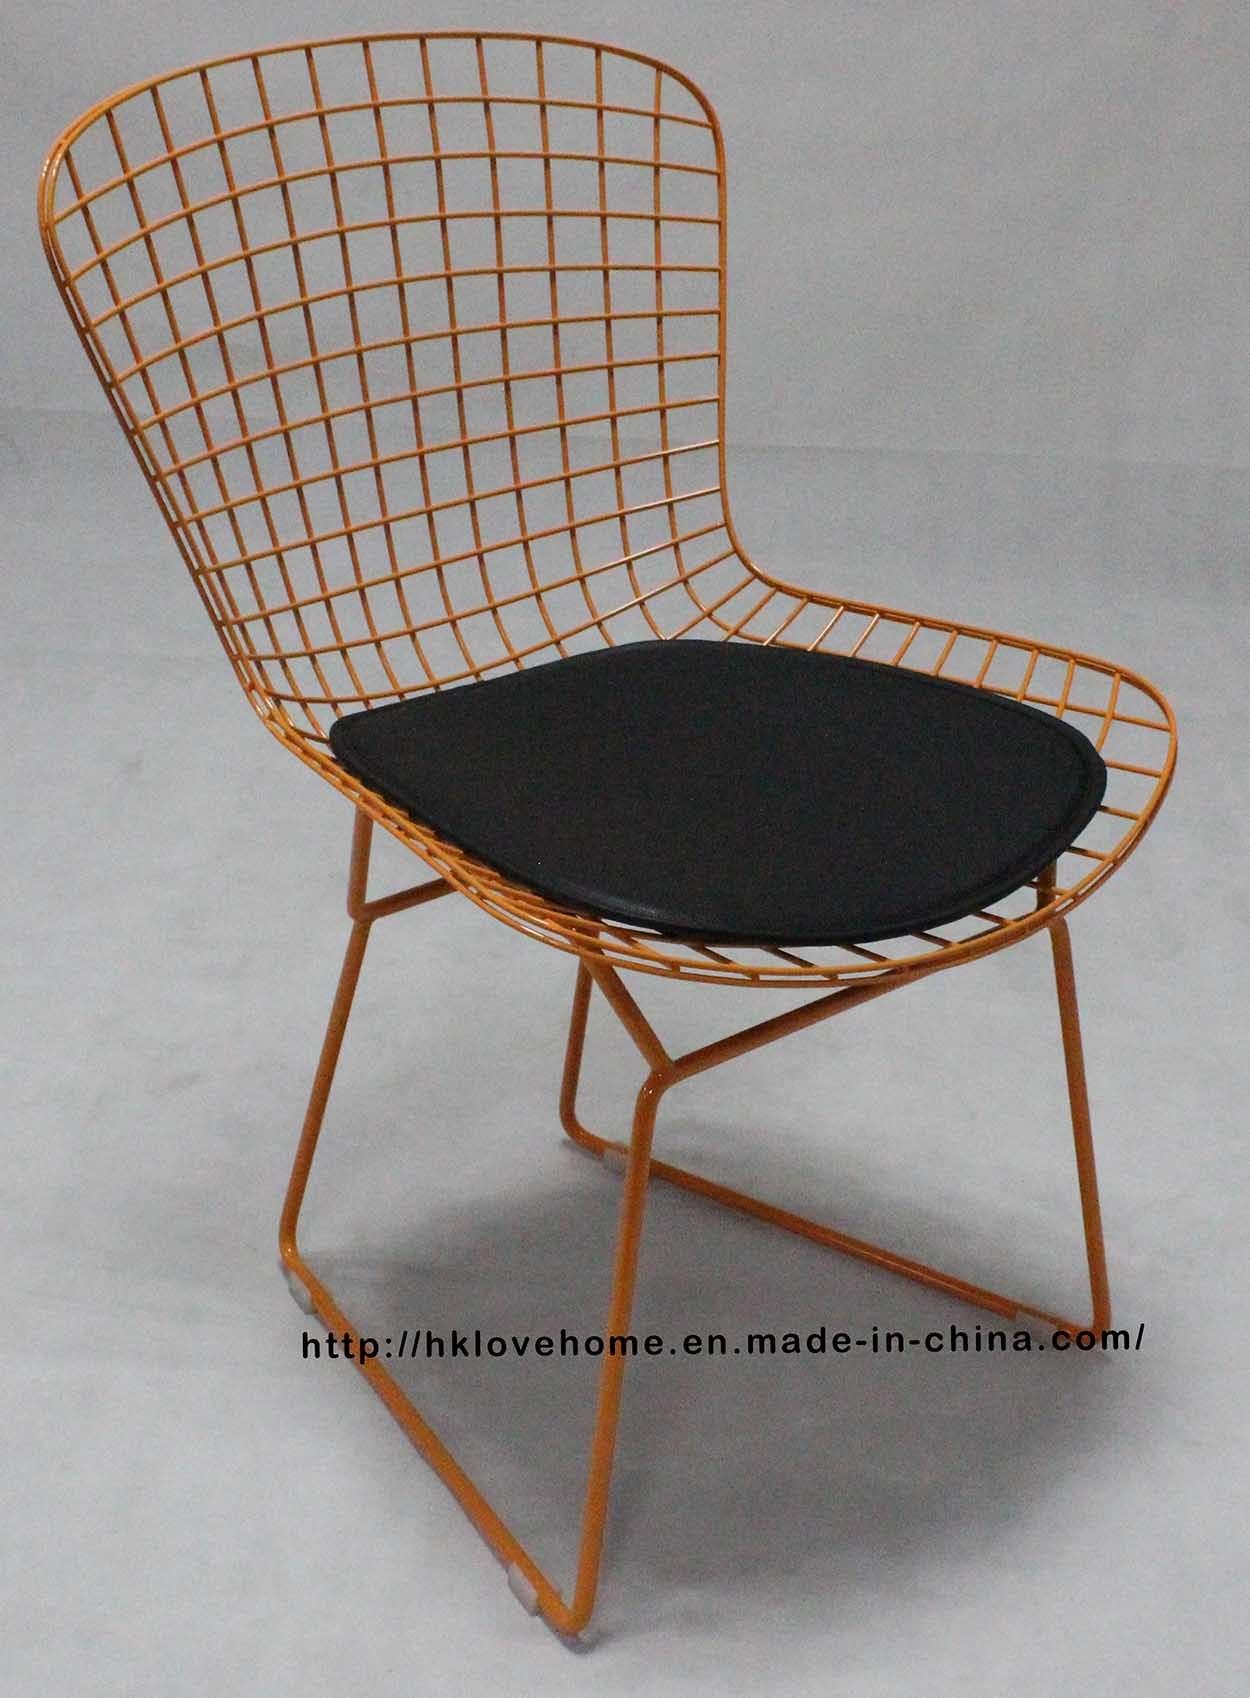 Peachy Hot Item Modern Restaurant Furniture Outdoor Metal Wire Dining Leisure Chair Uwap Interior Chair Design Uwaporg